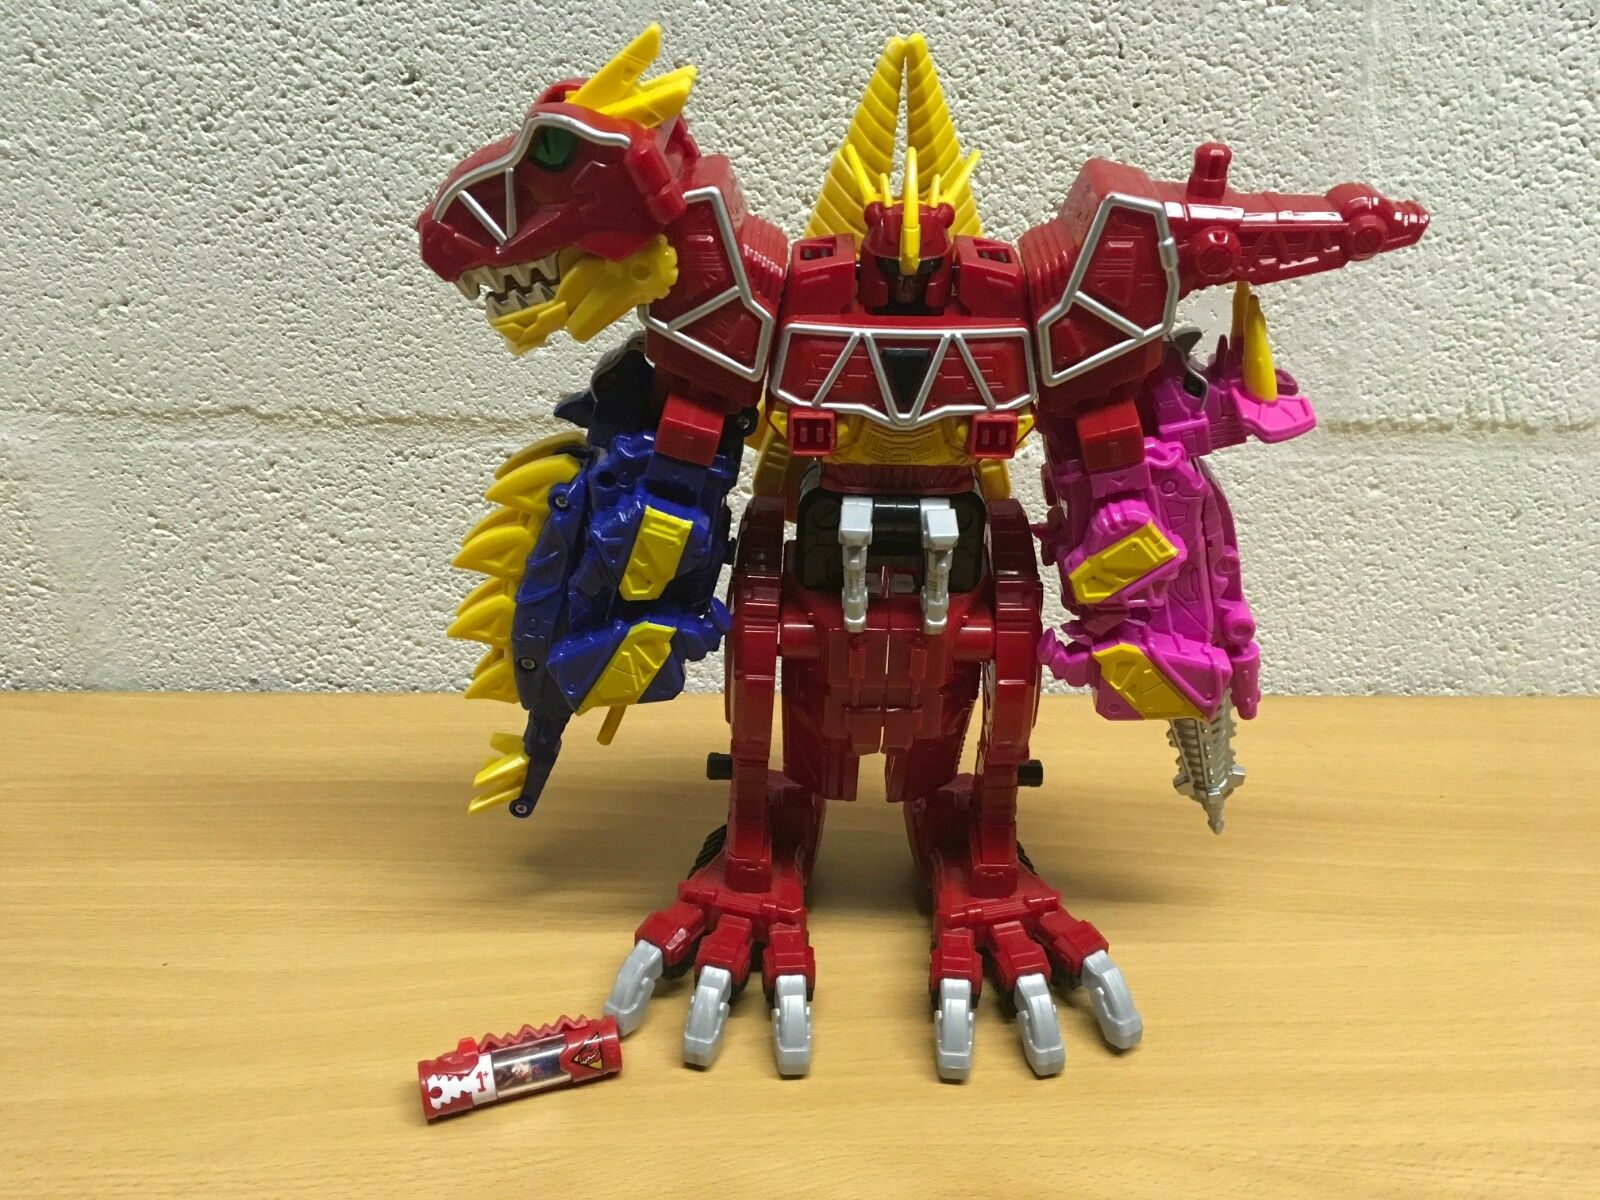 n ° 1 en línea Power Rangers Dino Cochego Deluxe Deluxe Deluxe DX Megazord T-Rex Completa Y Cochegador  precios razonables